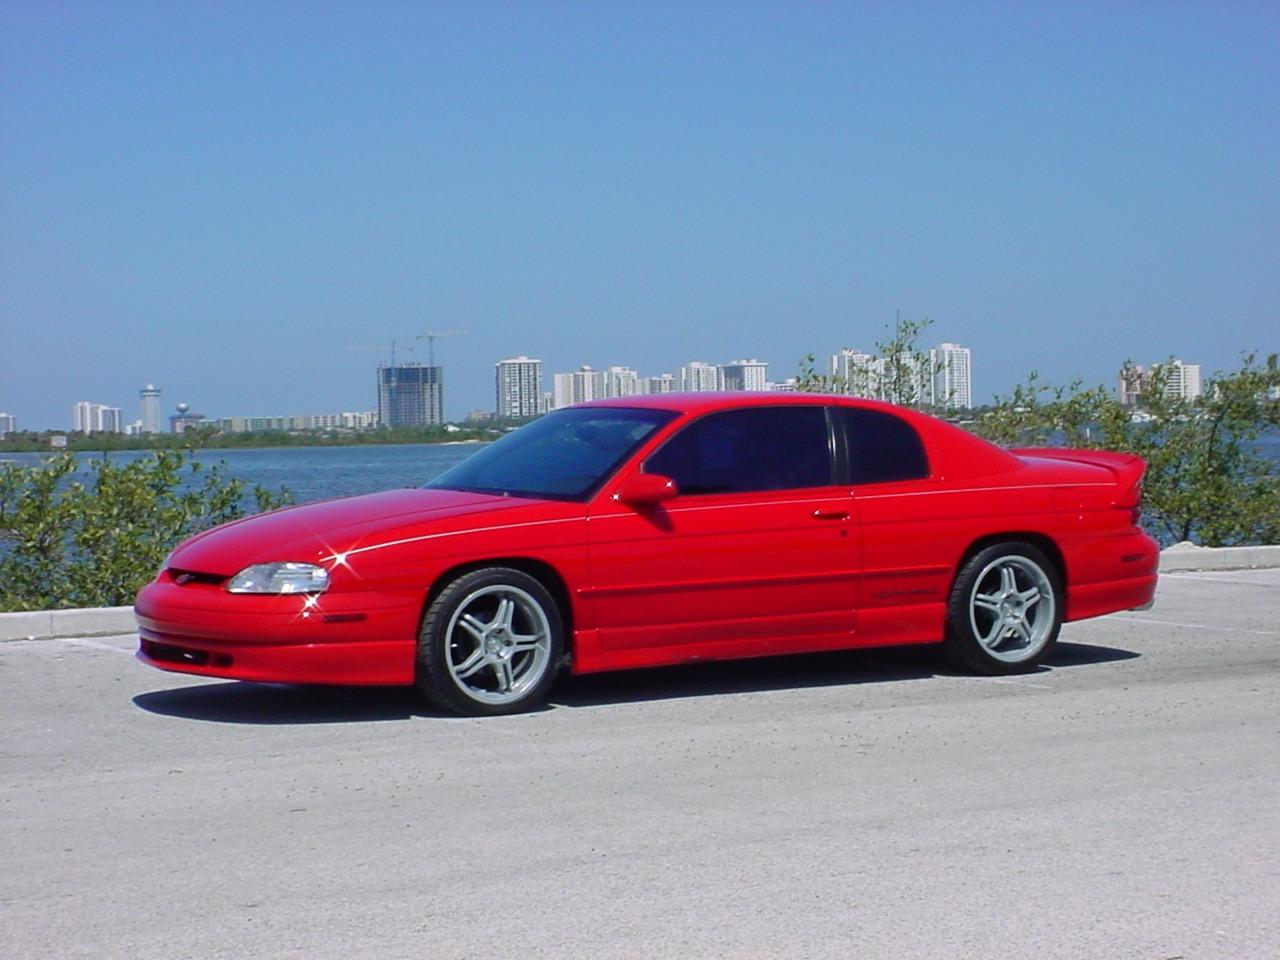 Chevrolet Monte Carlo (Шевроле Монте Карло) 2021 - обзор ...